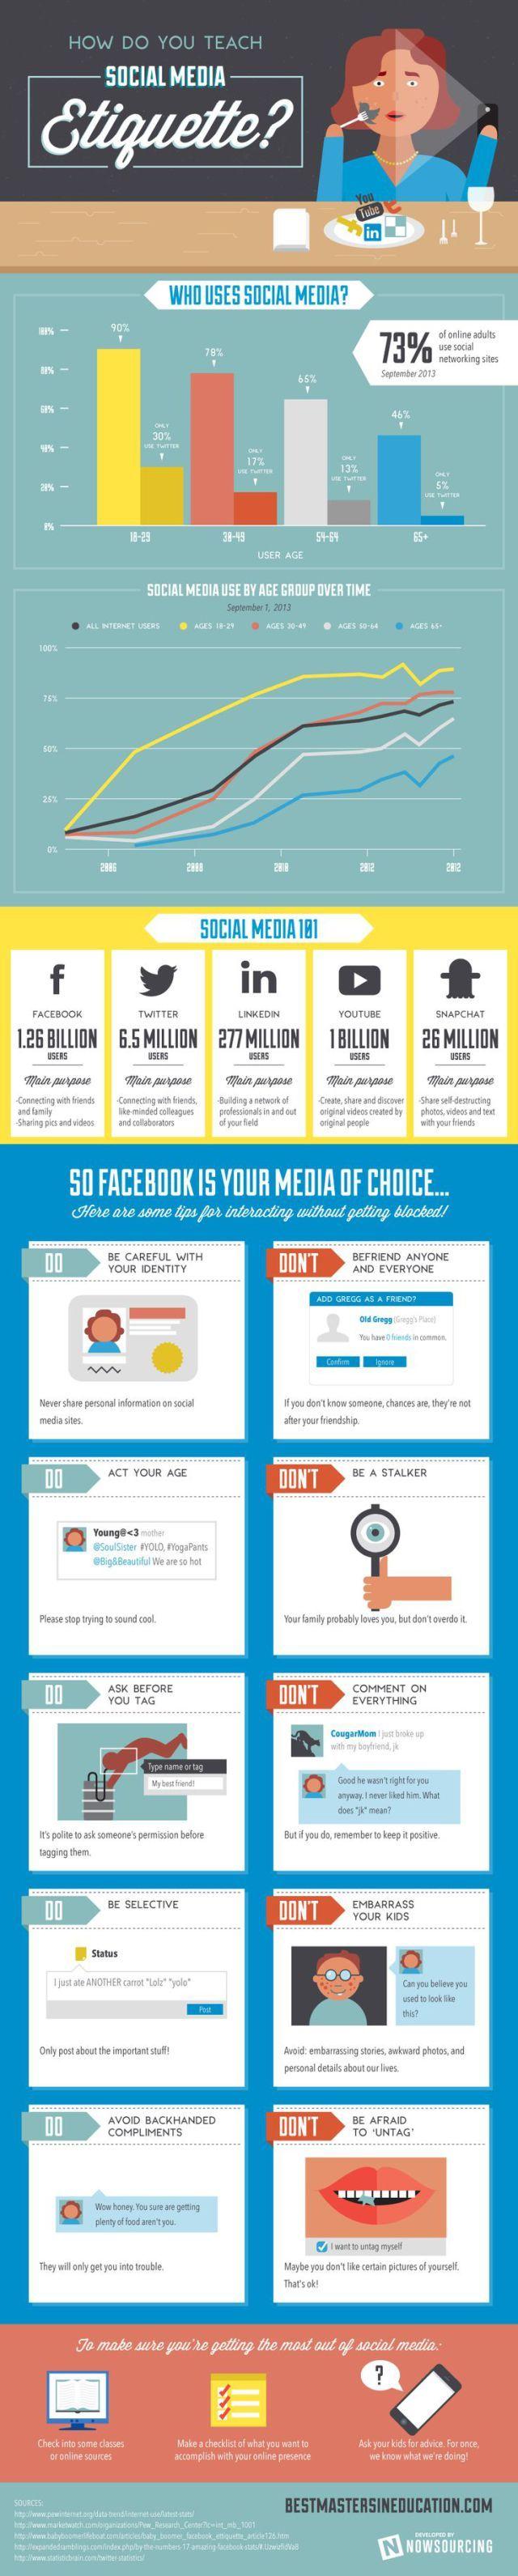 Educational : How Do You Teach Social Media Etiquette  #infographic #SocialMedia